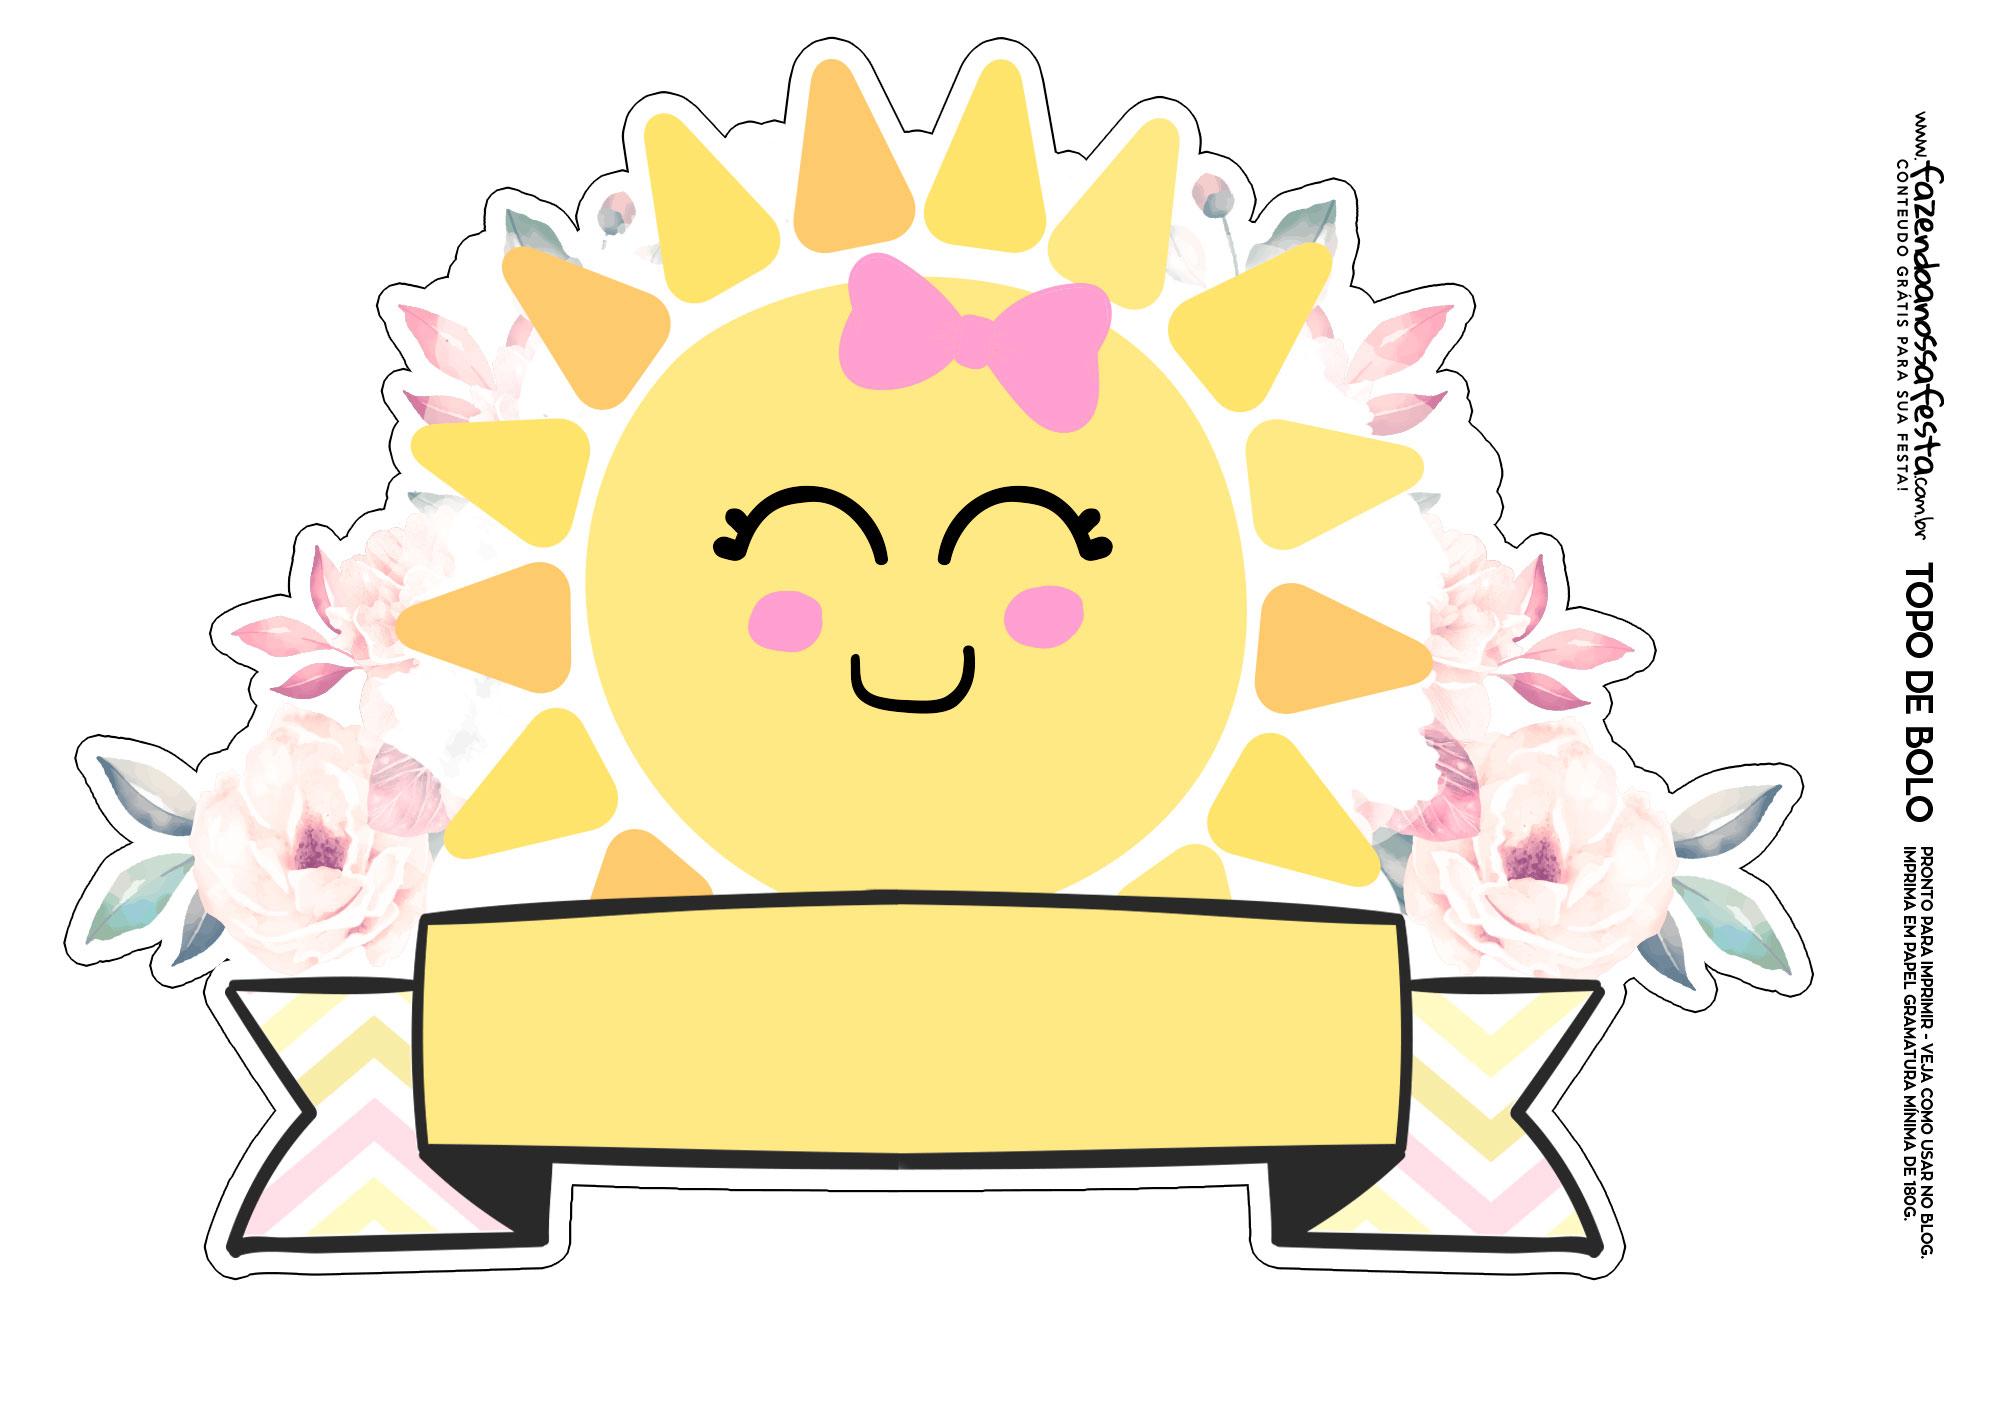 Topo de bolo Sunshine molde